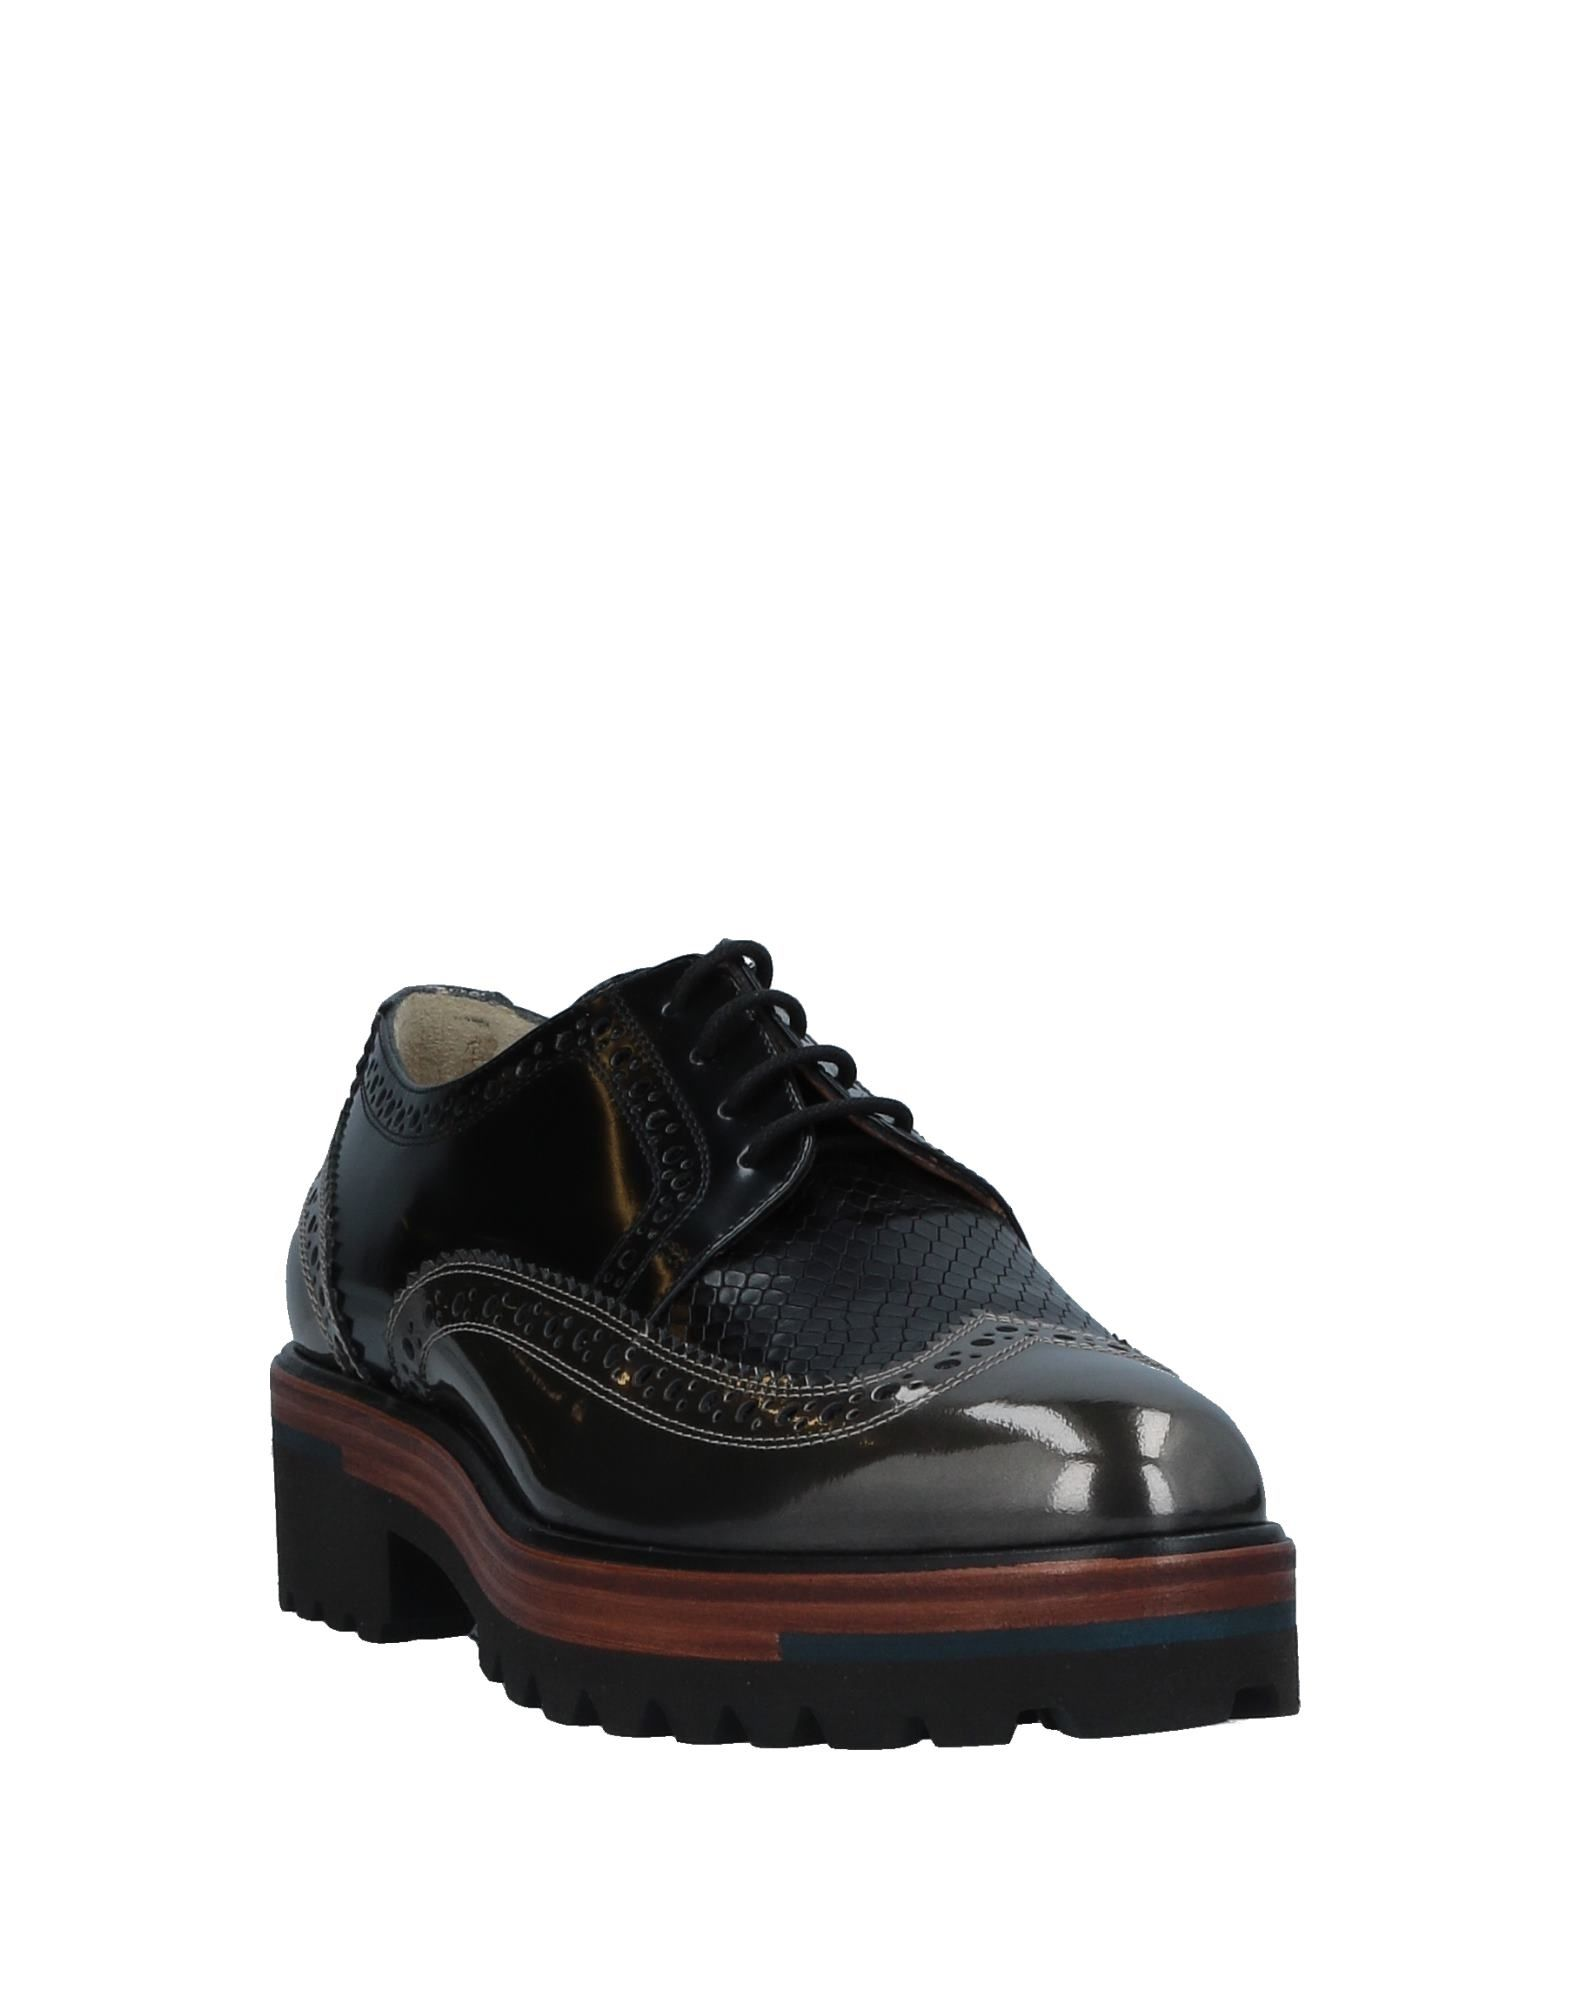 Scarpe economiche e resistenti Stringate Parlanti Donna - 11532404OH